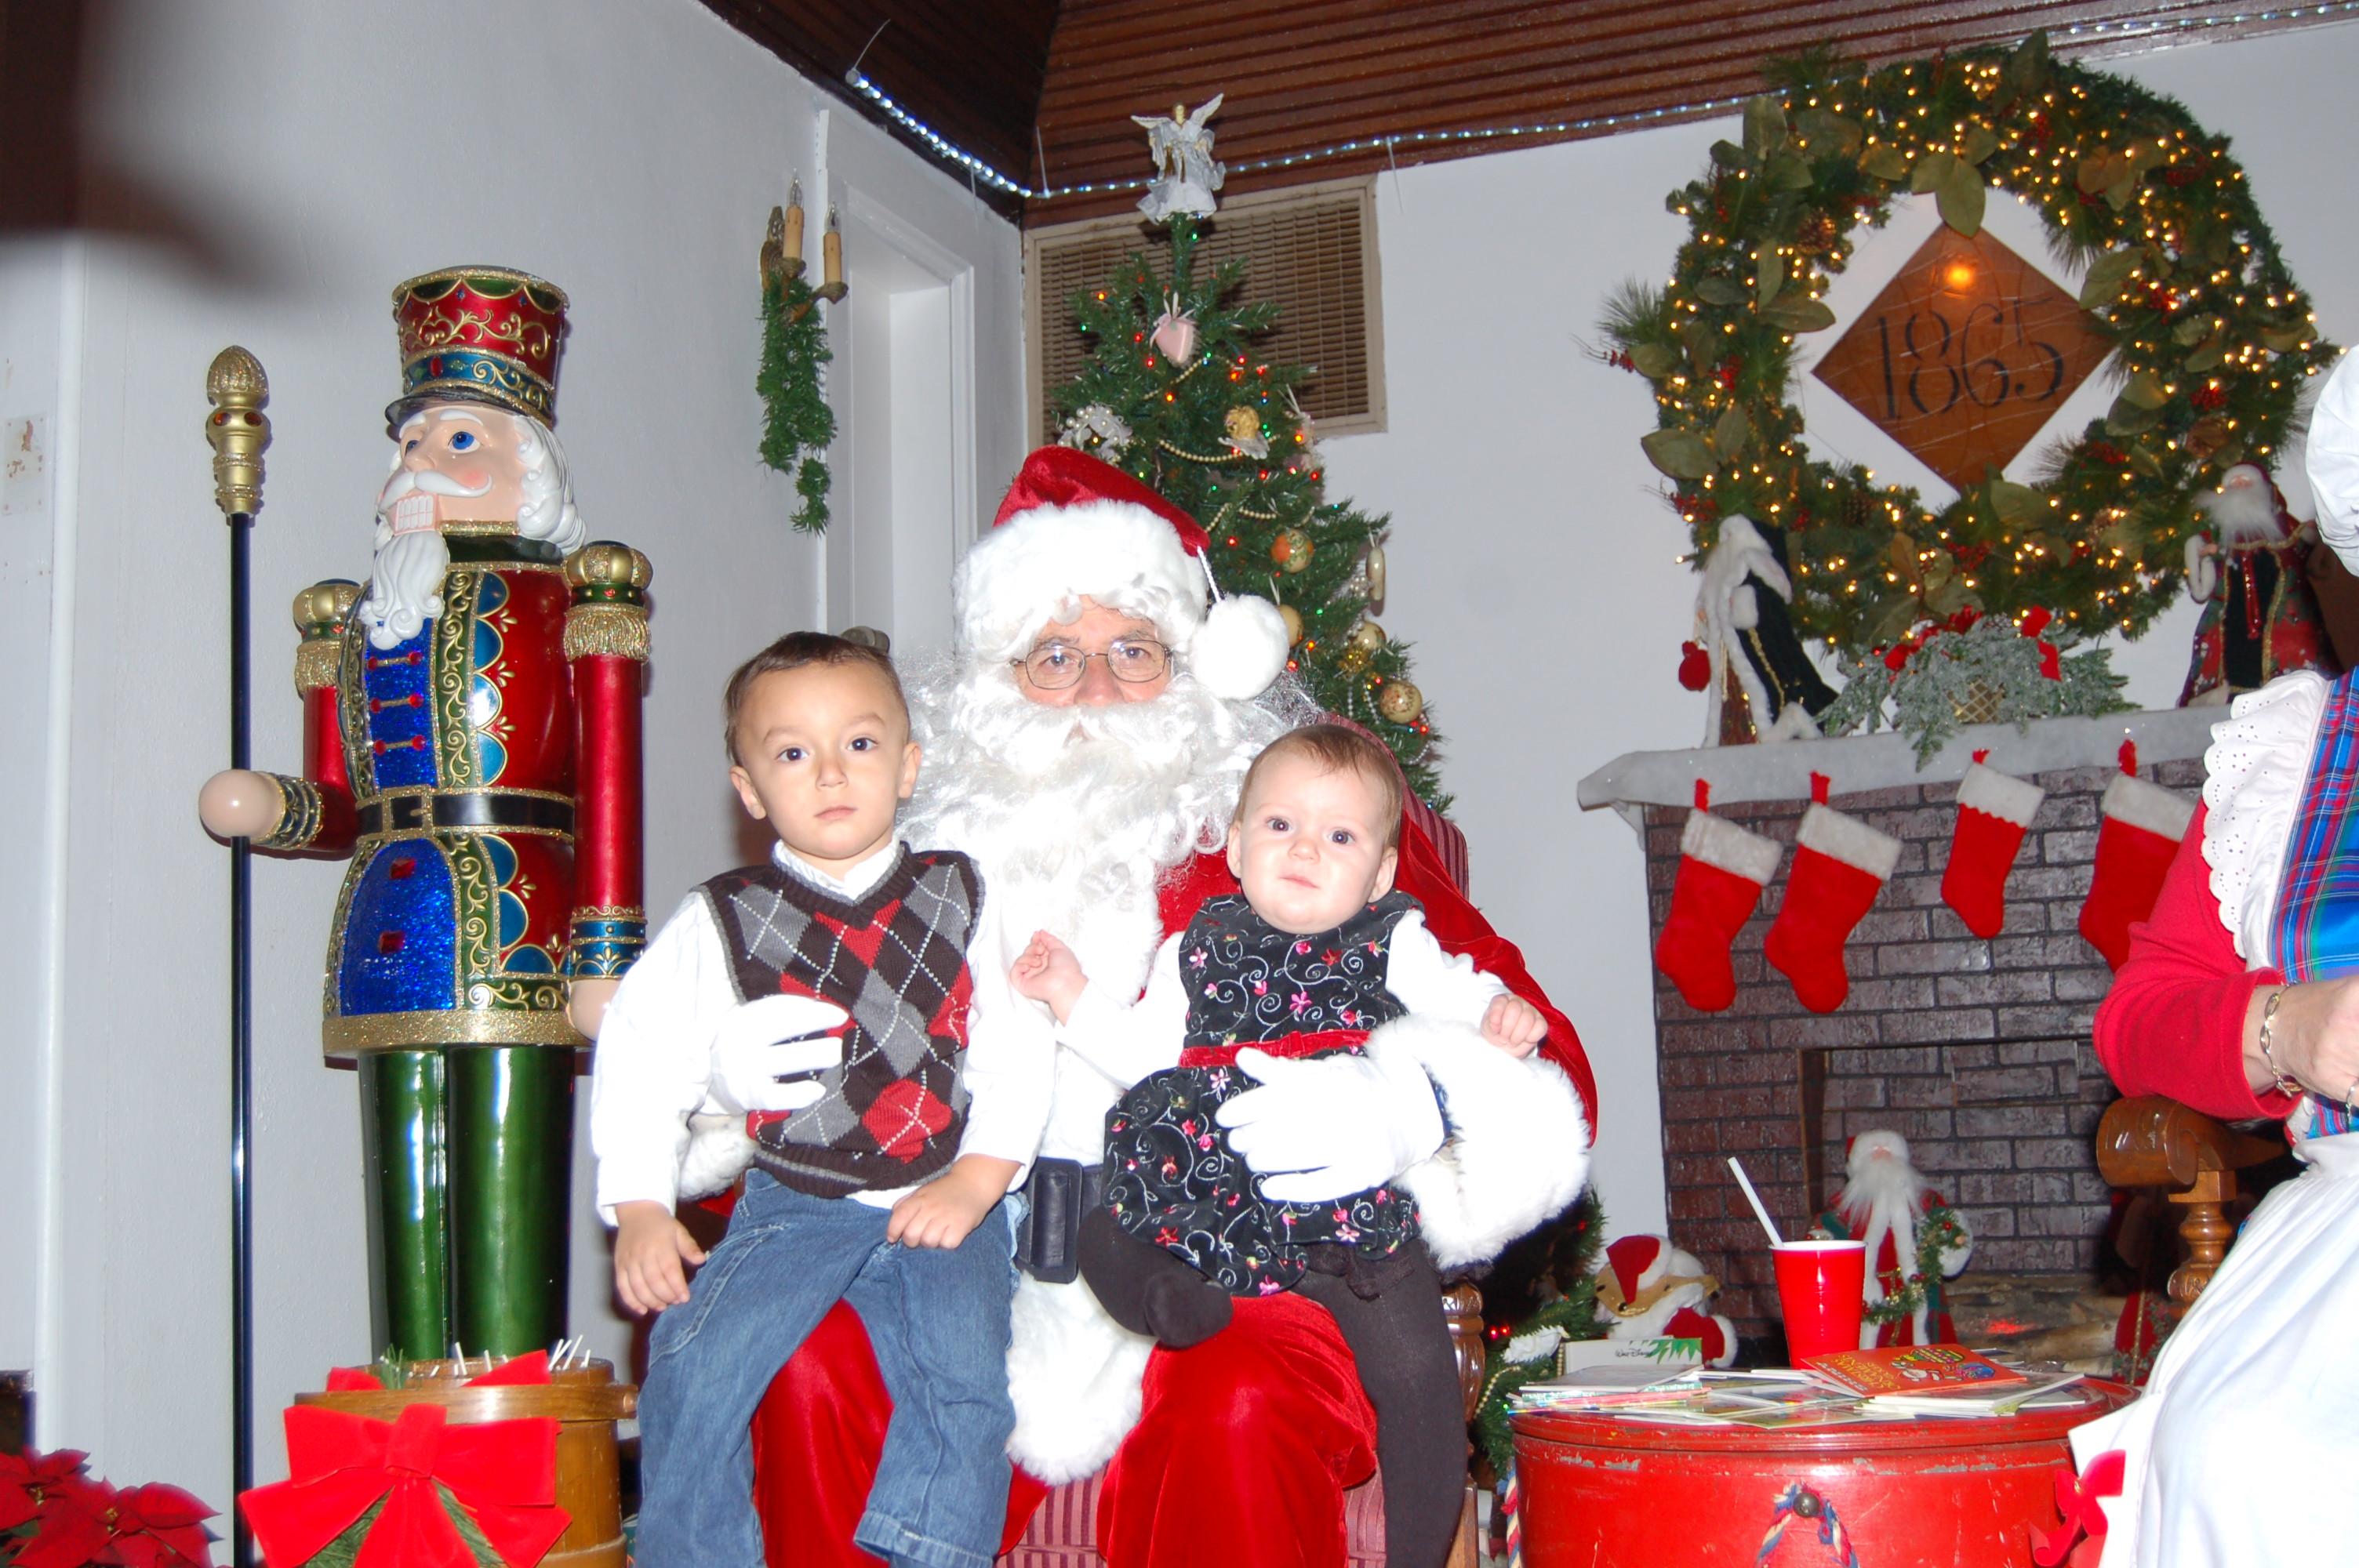 LolliPop+Lane+12-12-2008+Picture+009.jpg